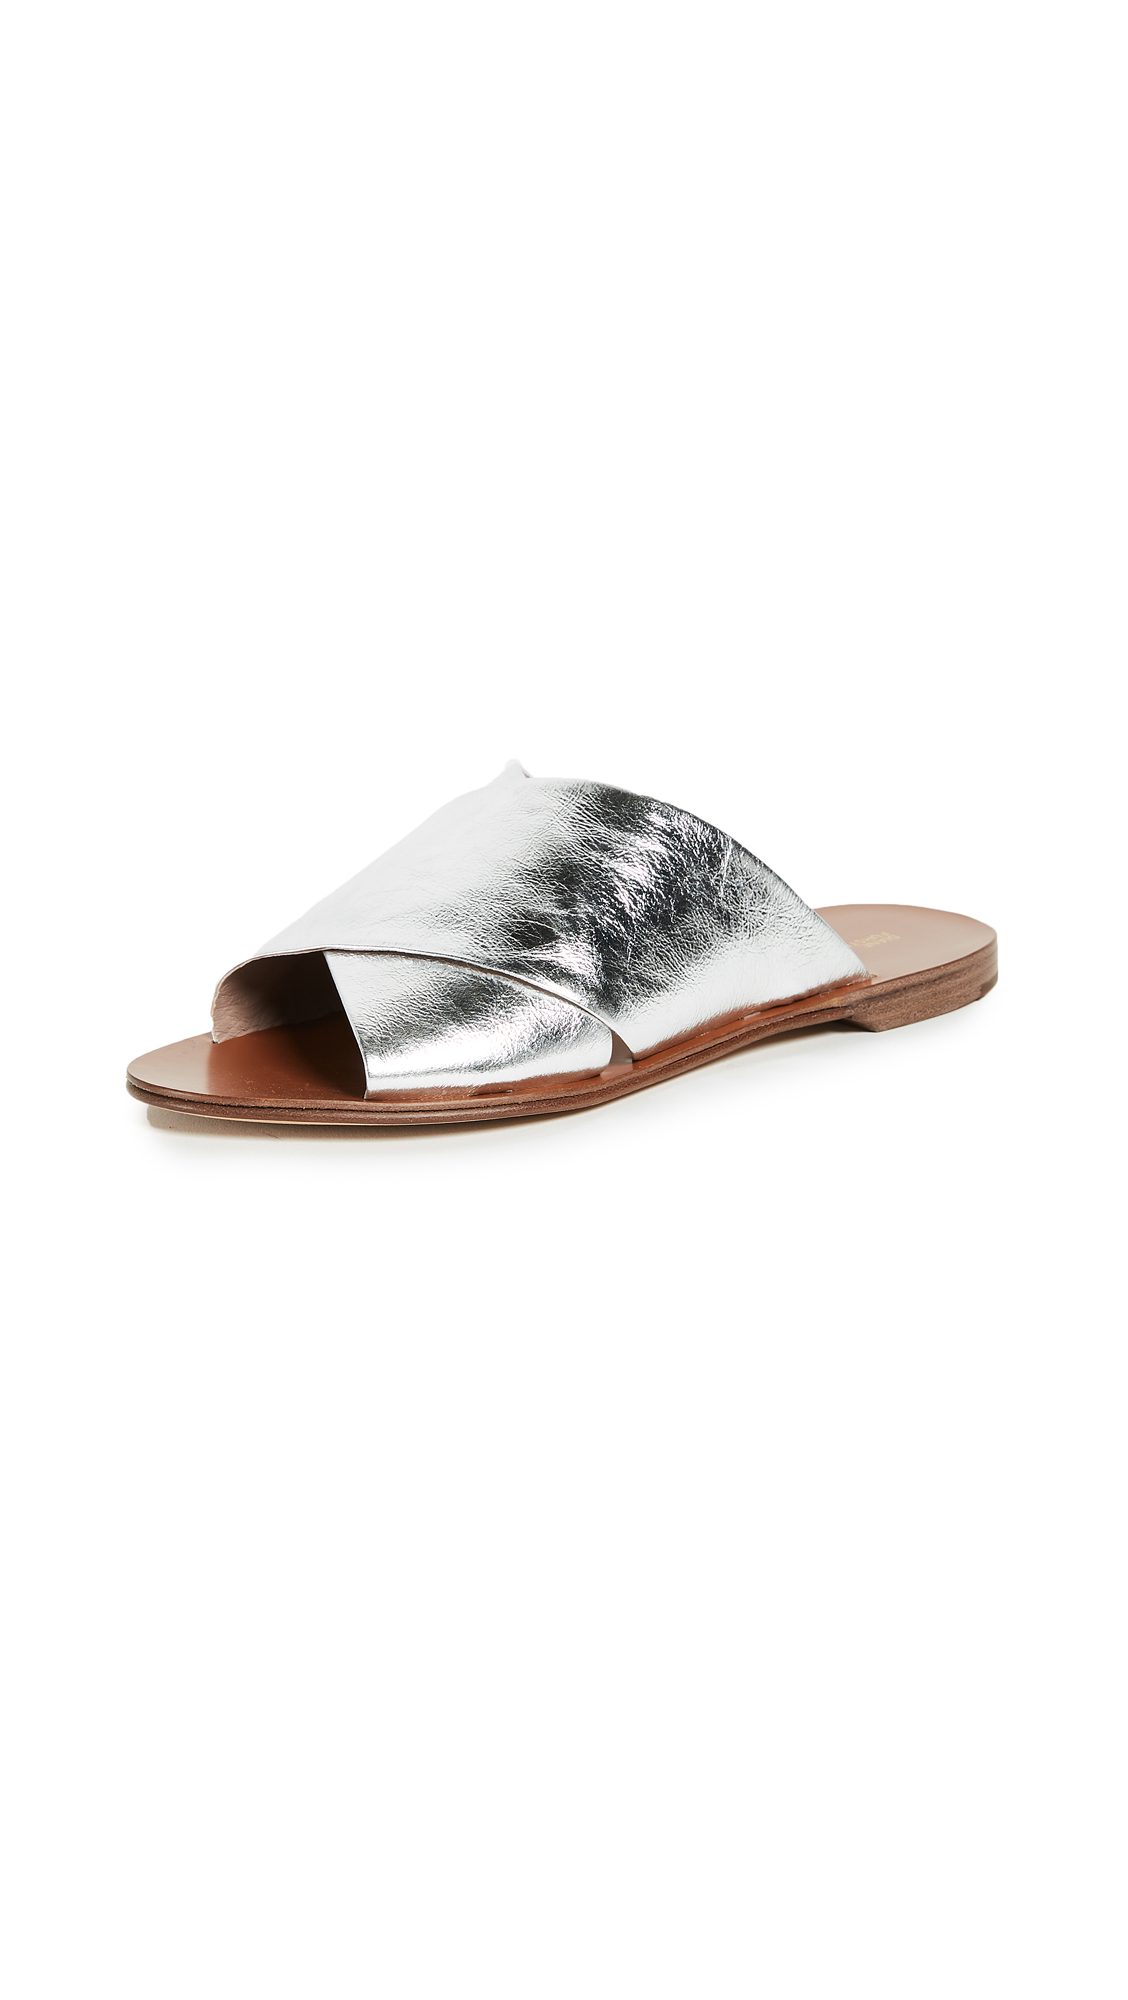 Diane von Furstenberg Bailie Crisscross Slides - Silver